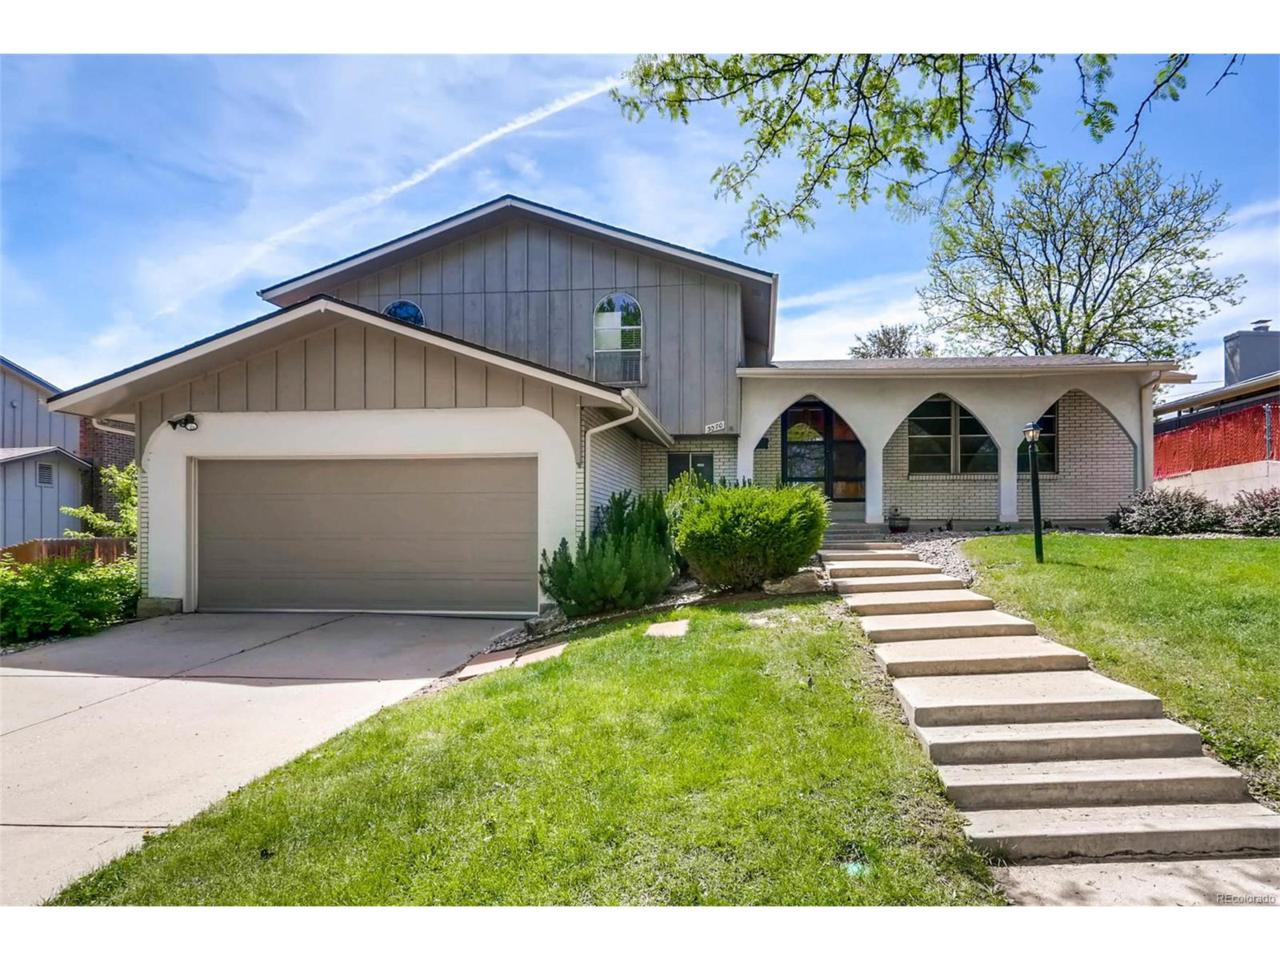 3070 S Xenia Street, Denver, CO 80231 (MLS #3221116) :: 8z Real Estate